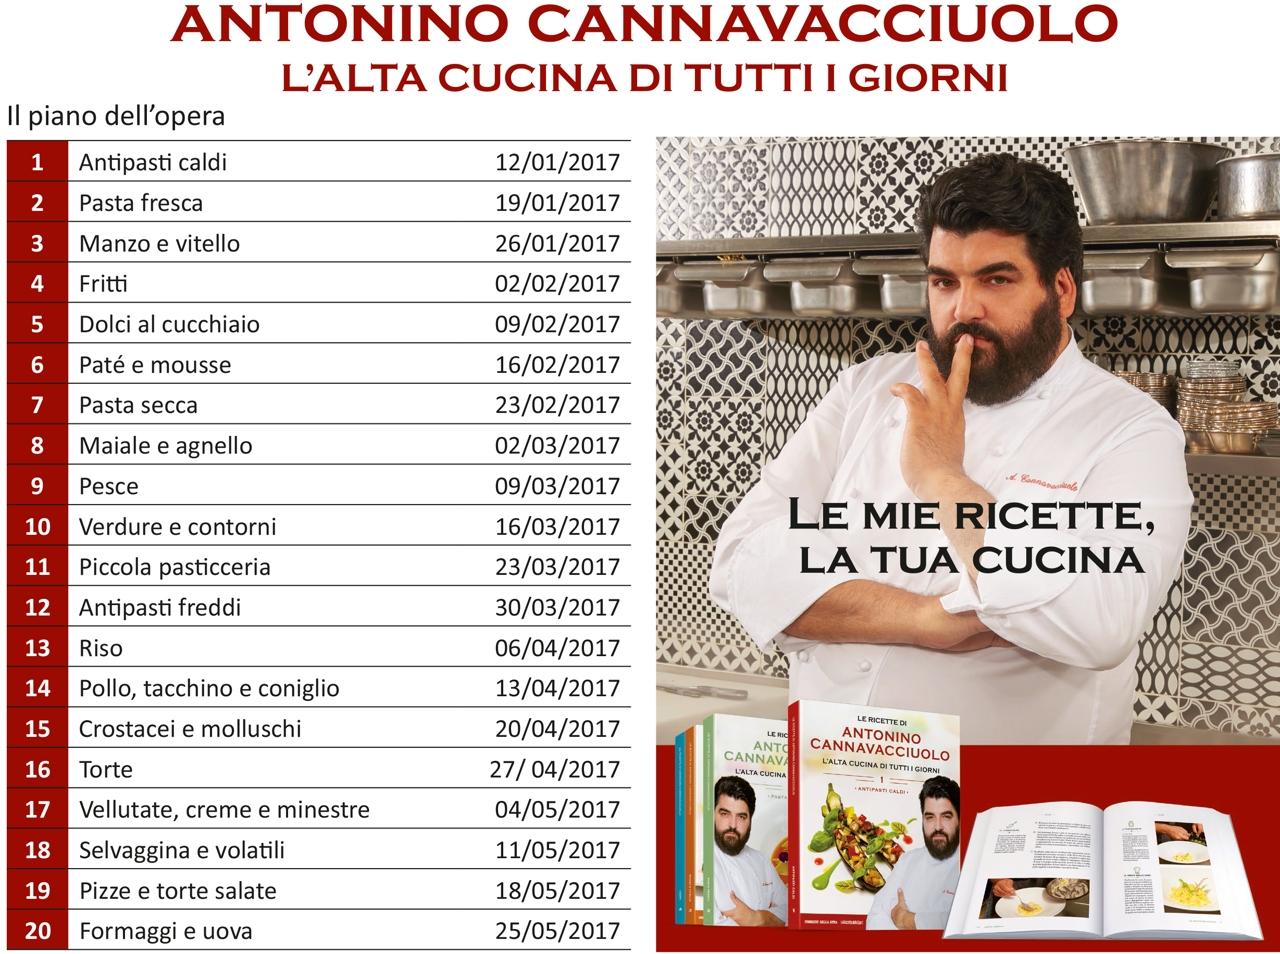 Libro ricette alta cucina ricette popolari sito culinario - Libro cucina cannavacciuolo ...